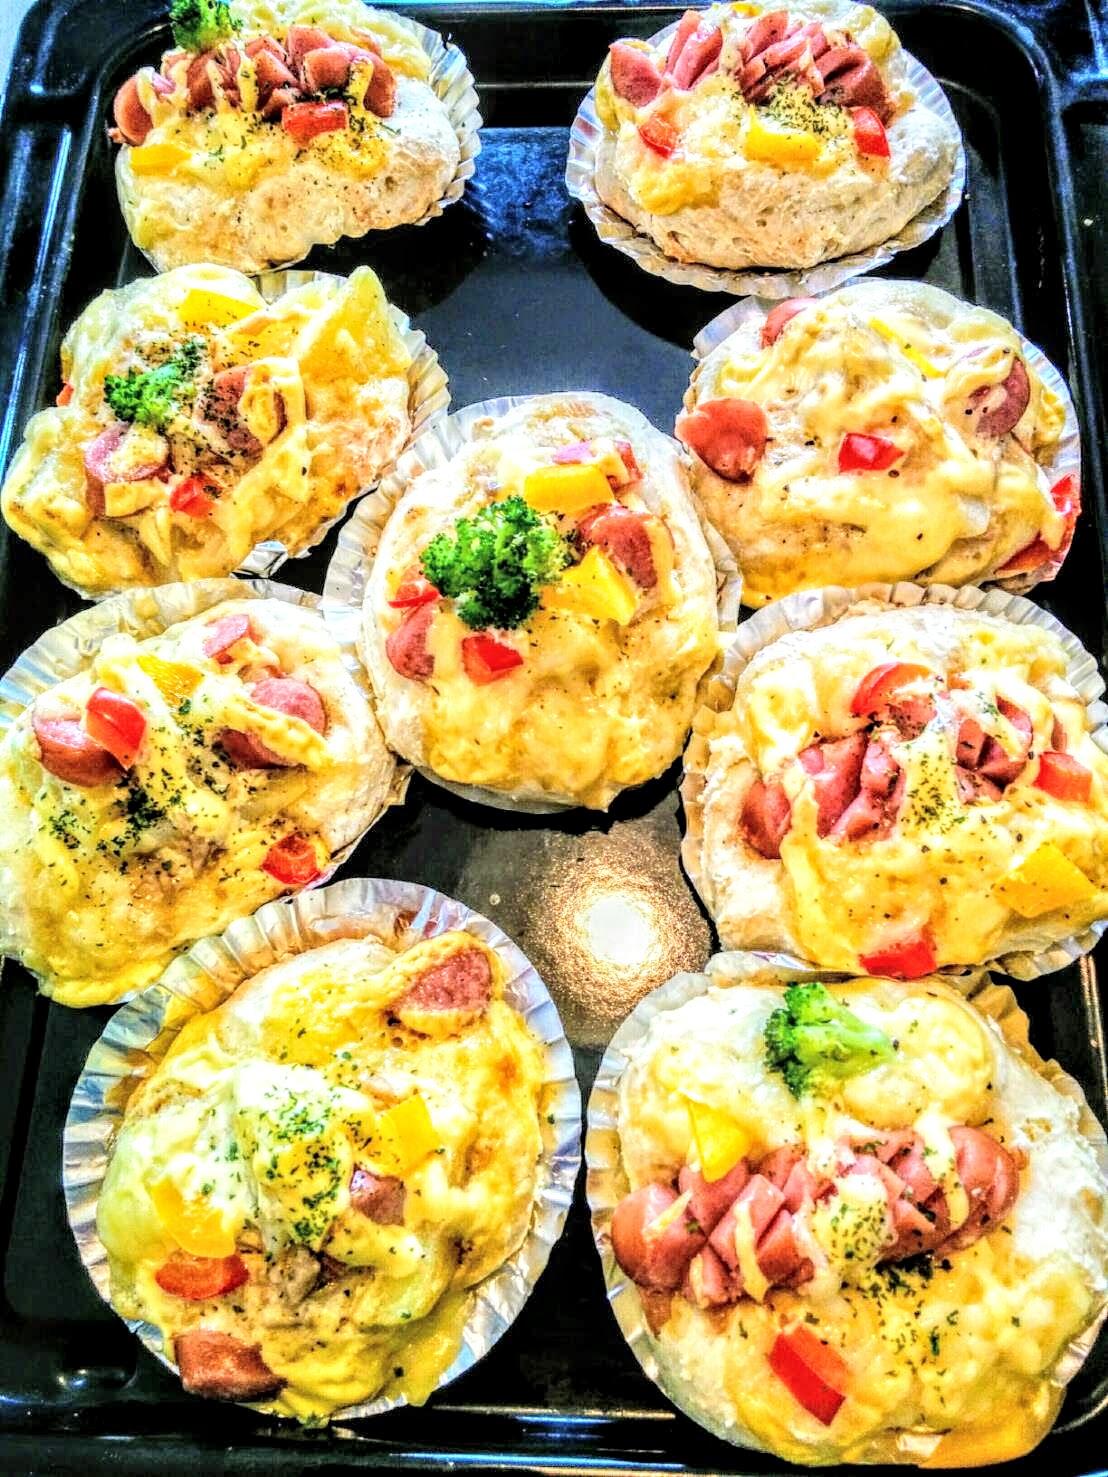 【小樽】お家御飯・ホットケーキミックスで簡単なパングルメ案内です。